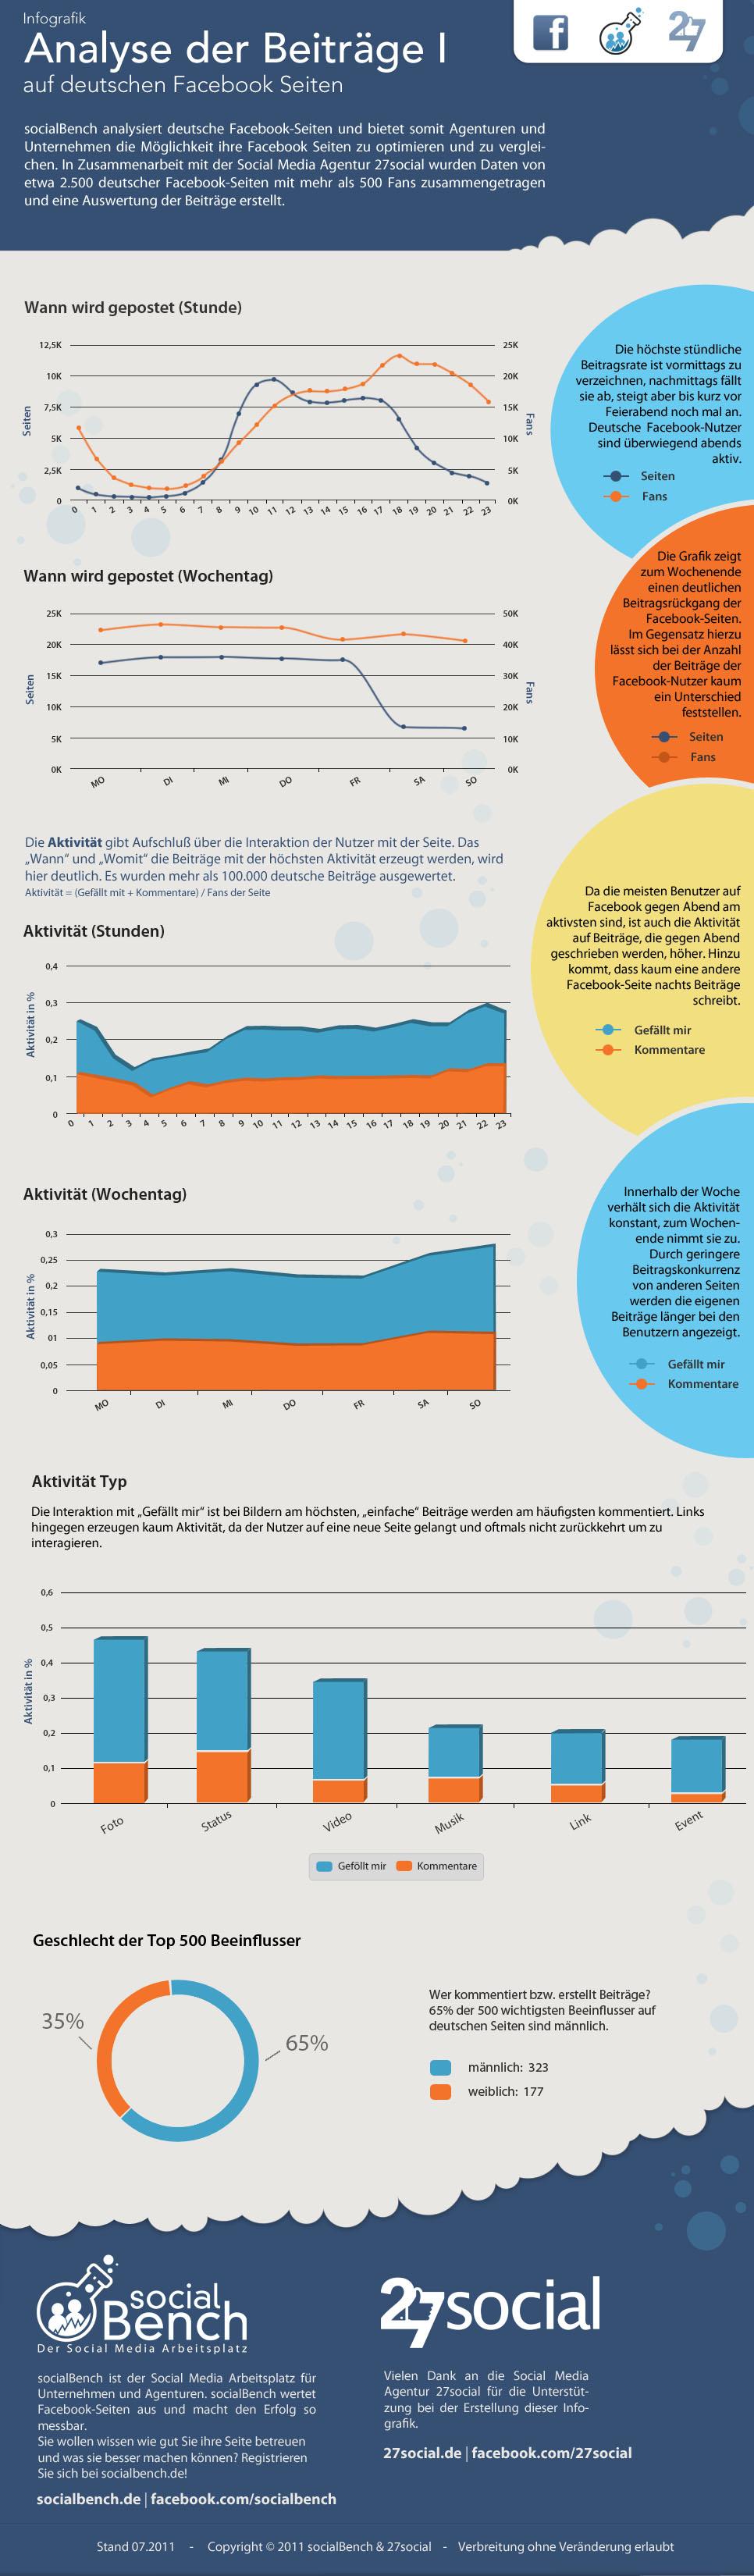 Infografik: Die Aktivität von Deutschen Facebook Seiten und Nutzer